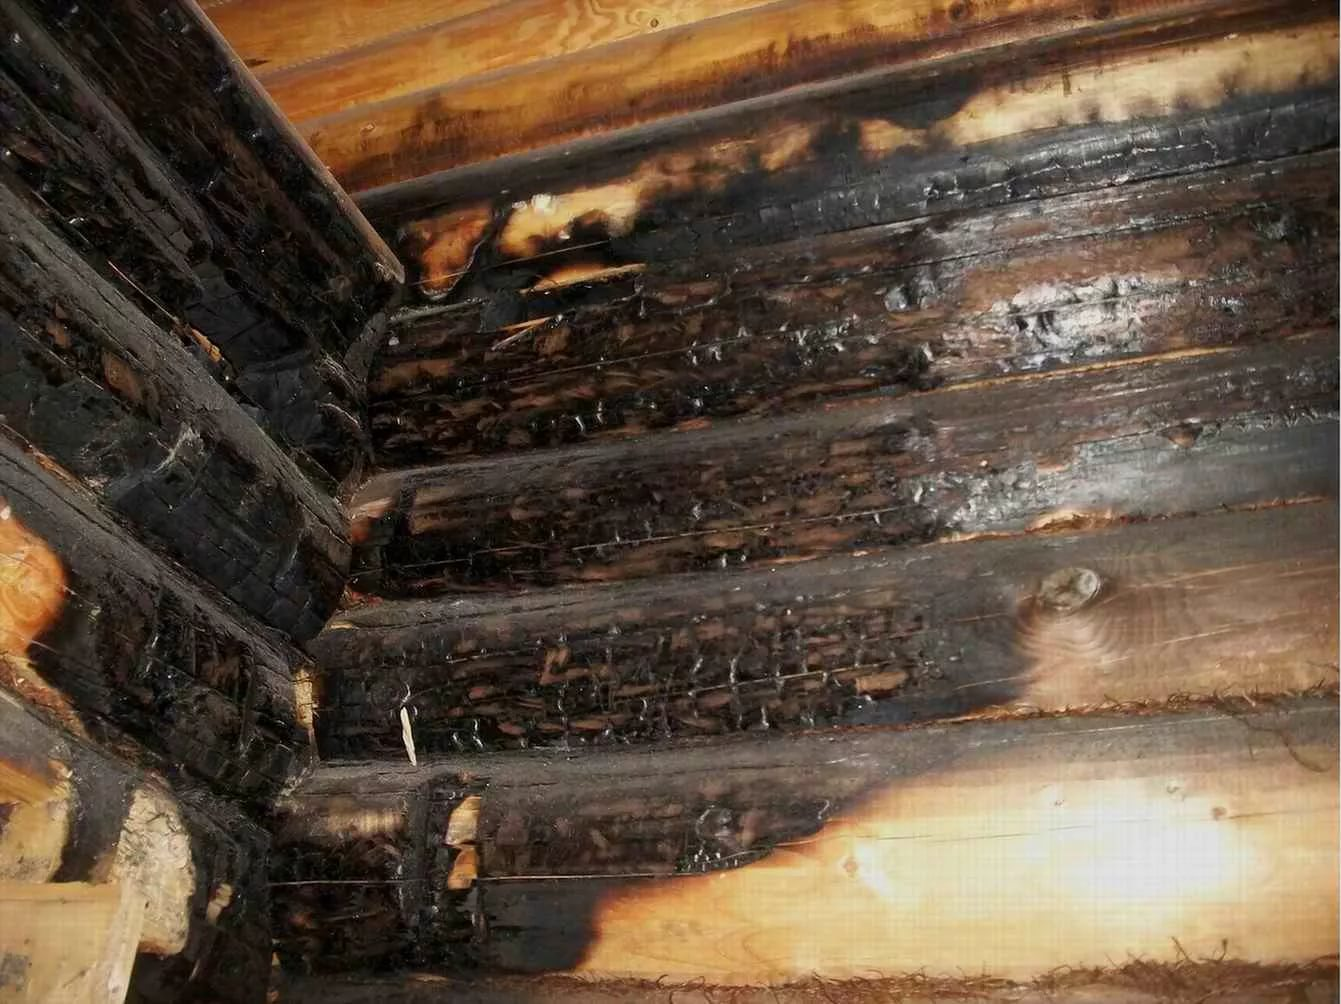 Что поможет уничтожить плесень на древесине?